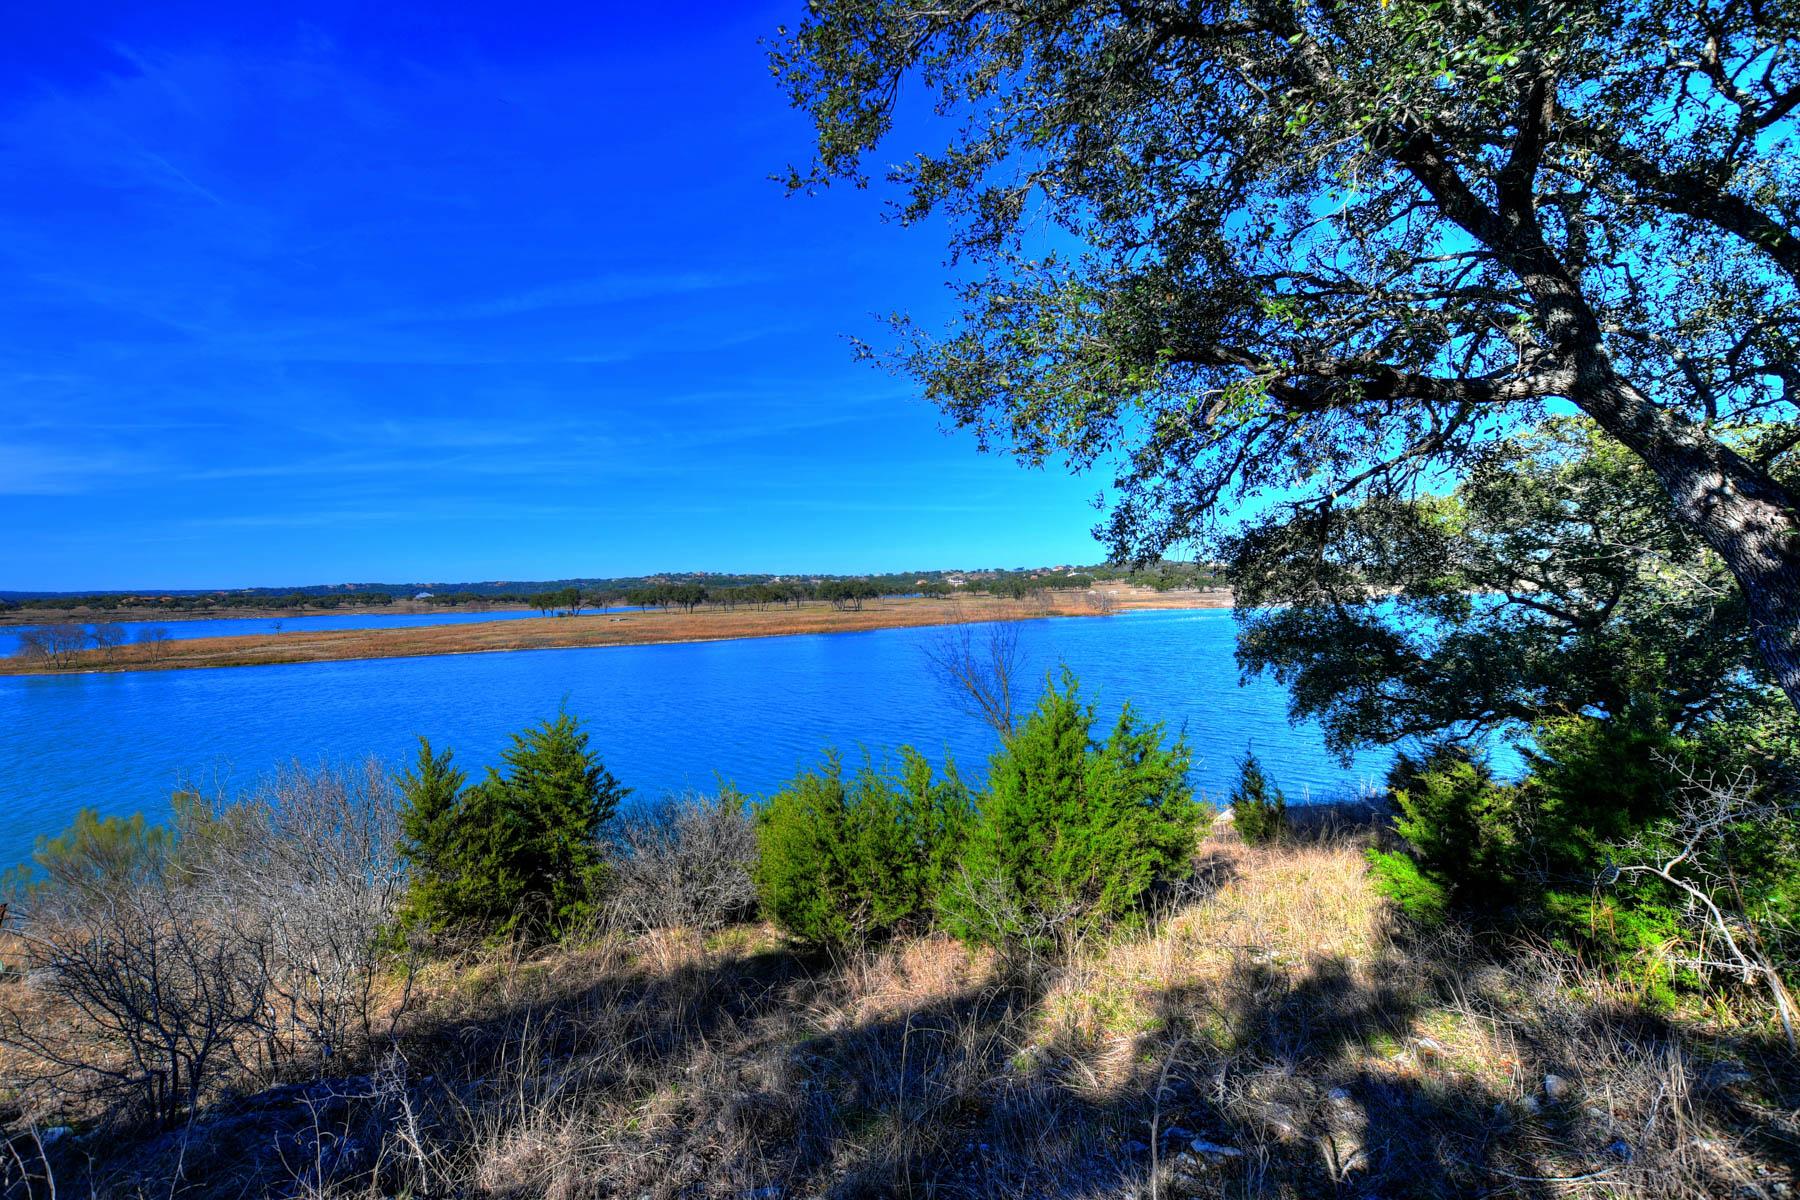 Terreno por un Venta en Stunning Waterfront Lot in Canyon Lake 2022 San Jose Way Canyon Lake, Texas 78133 Estados Unidos